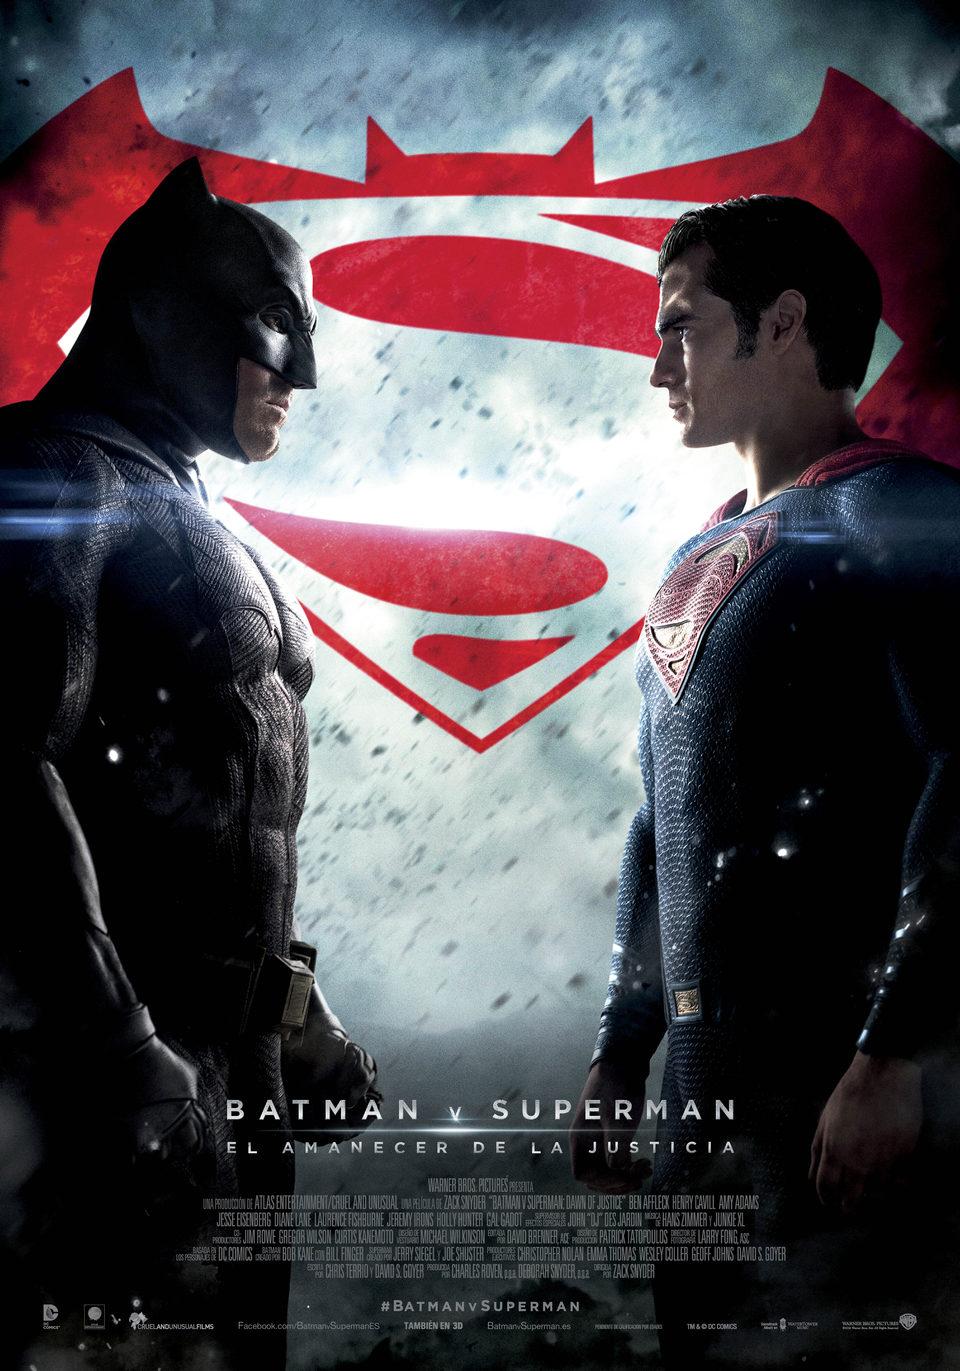 Cartel España Oficial de 'Batman v Superman: El amanecer de la Justicia'